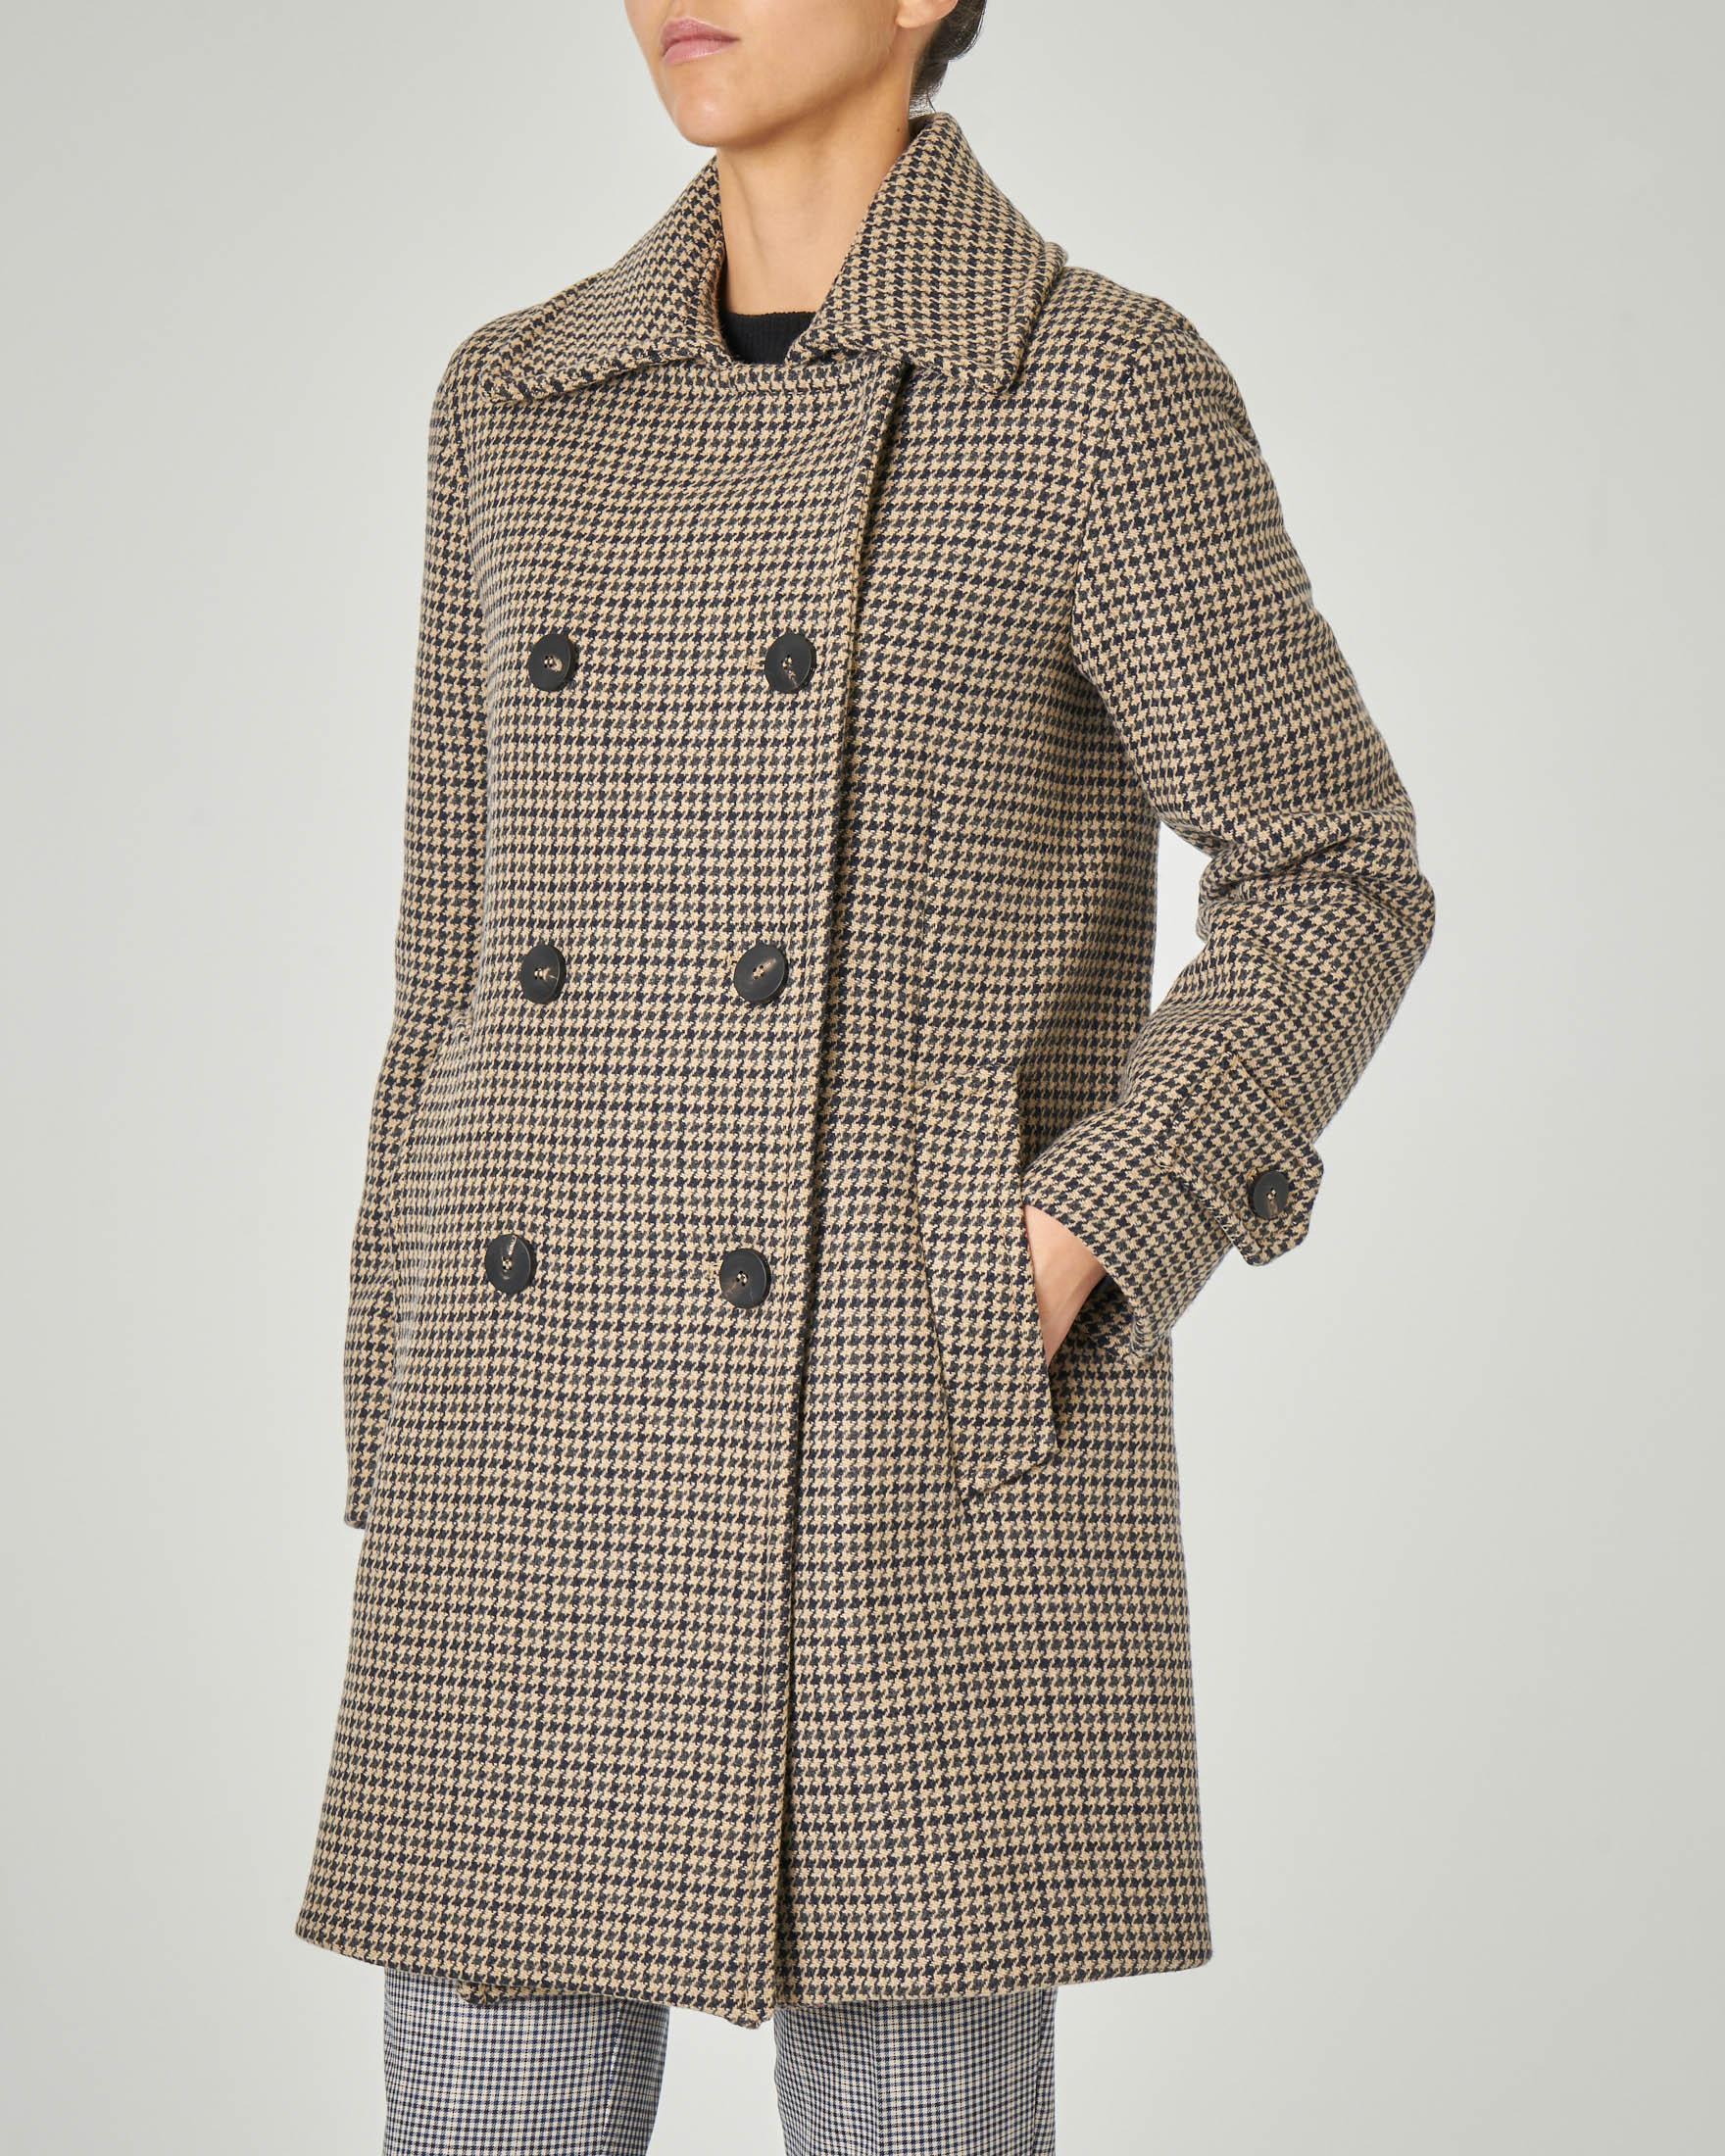 Cappotto doppiopetto con colletto a camicia in tessuto misto lana a fantasia pied de poule cammello e blu